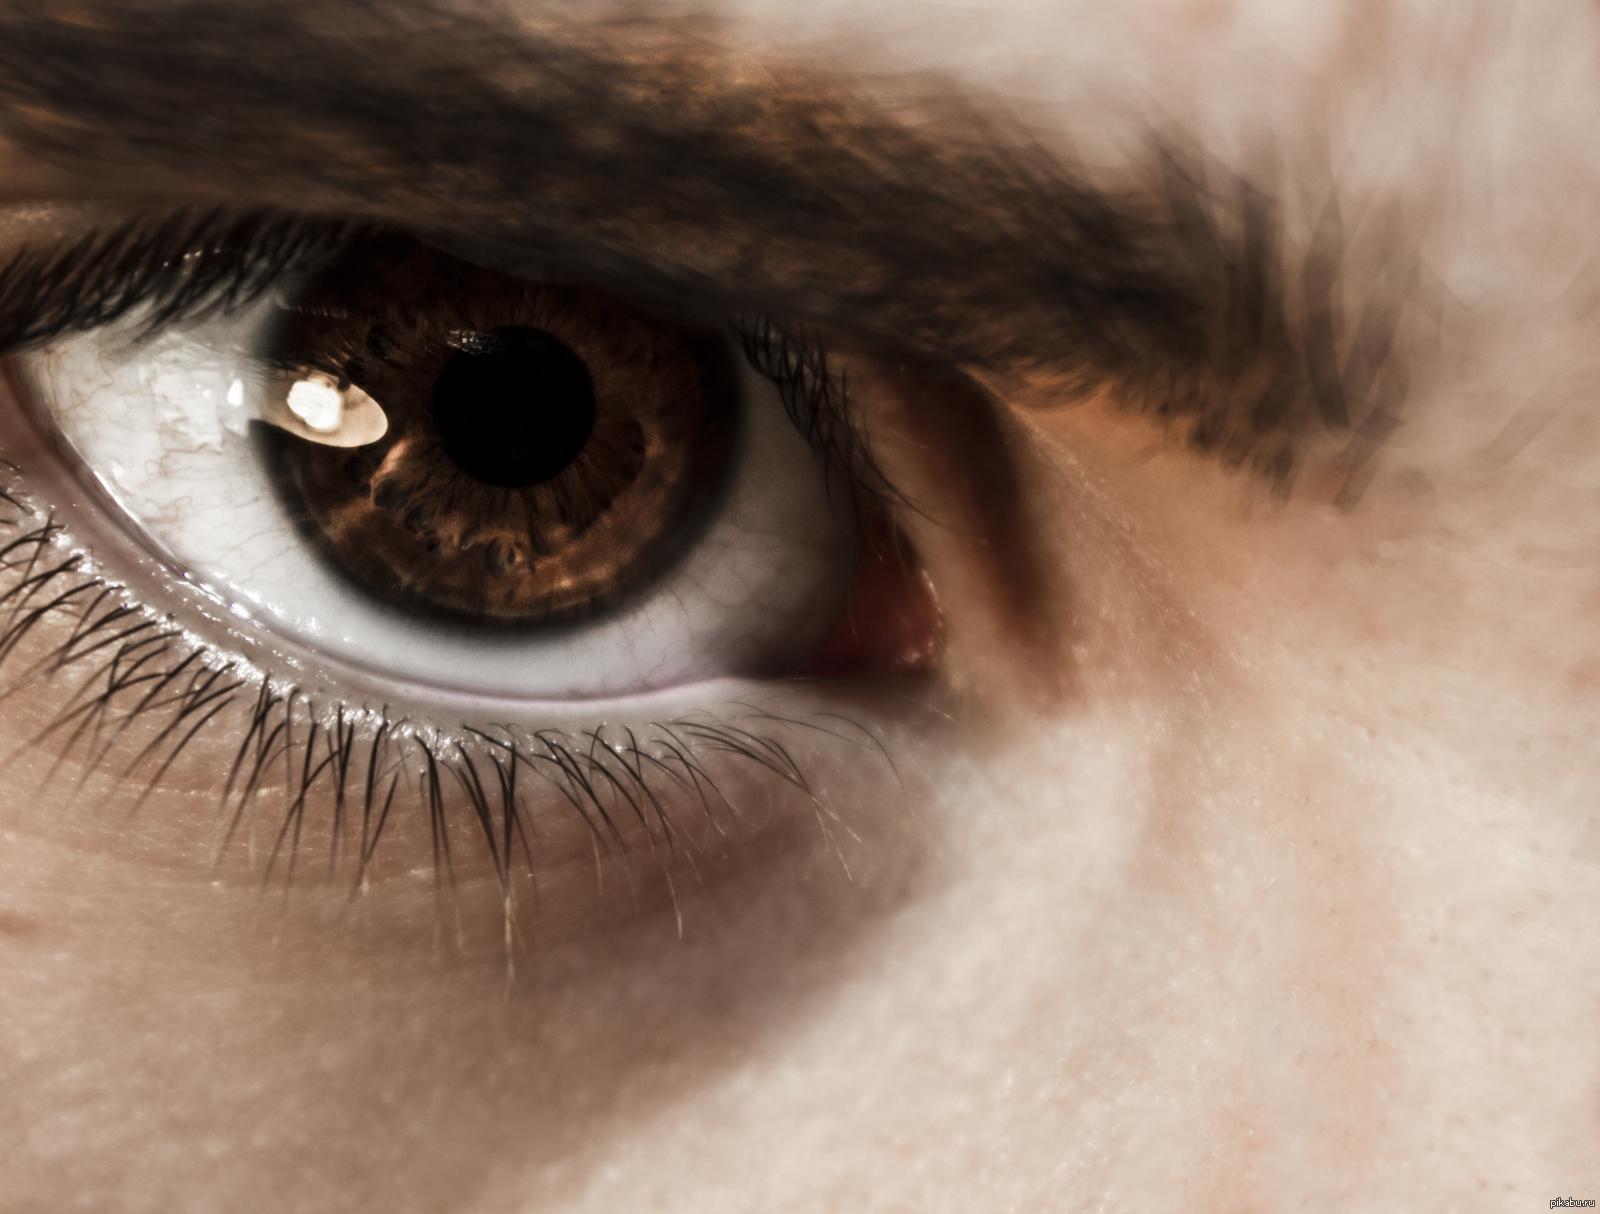 как на айфоне красиво сфотографировать глаз панели